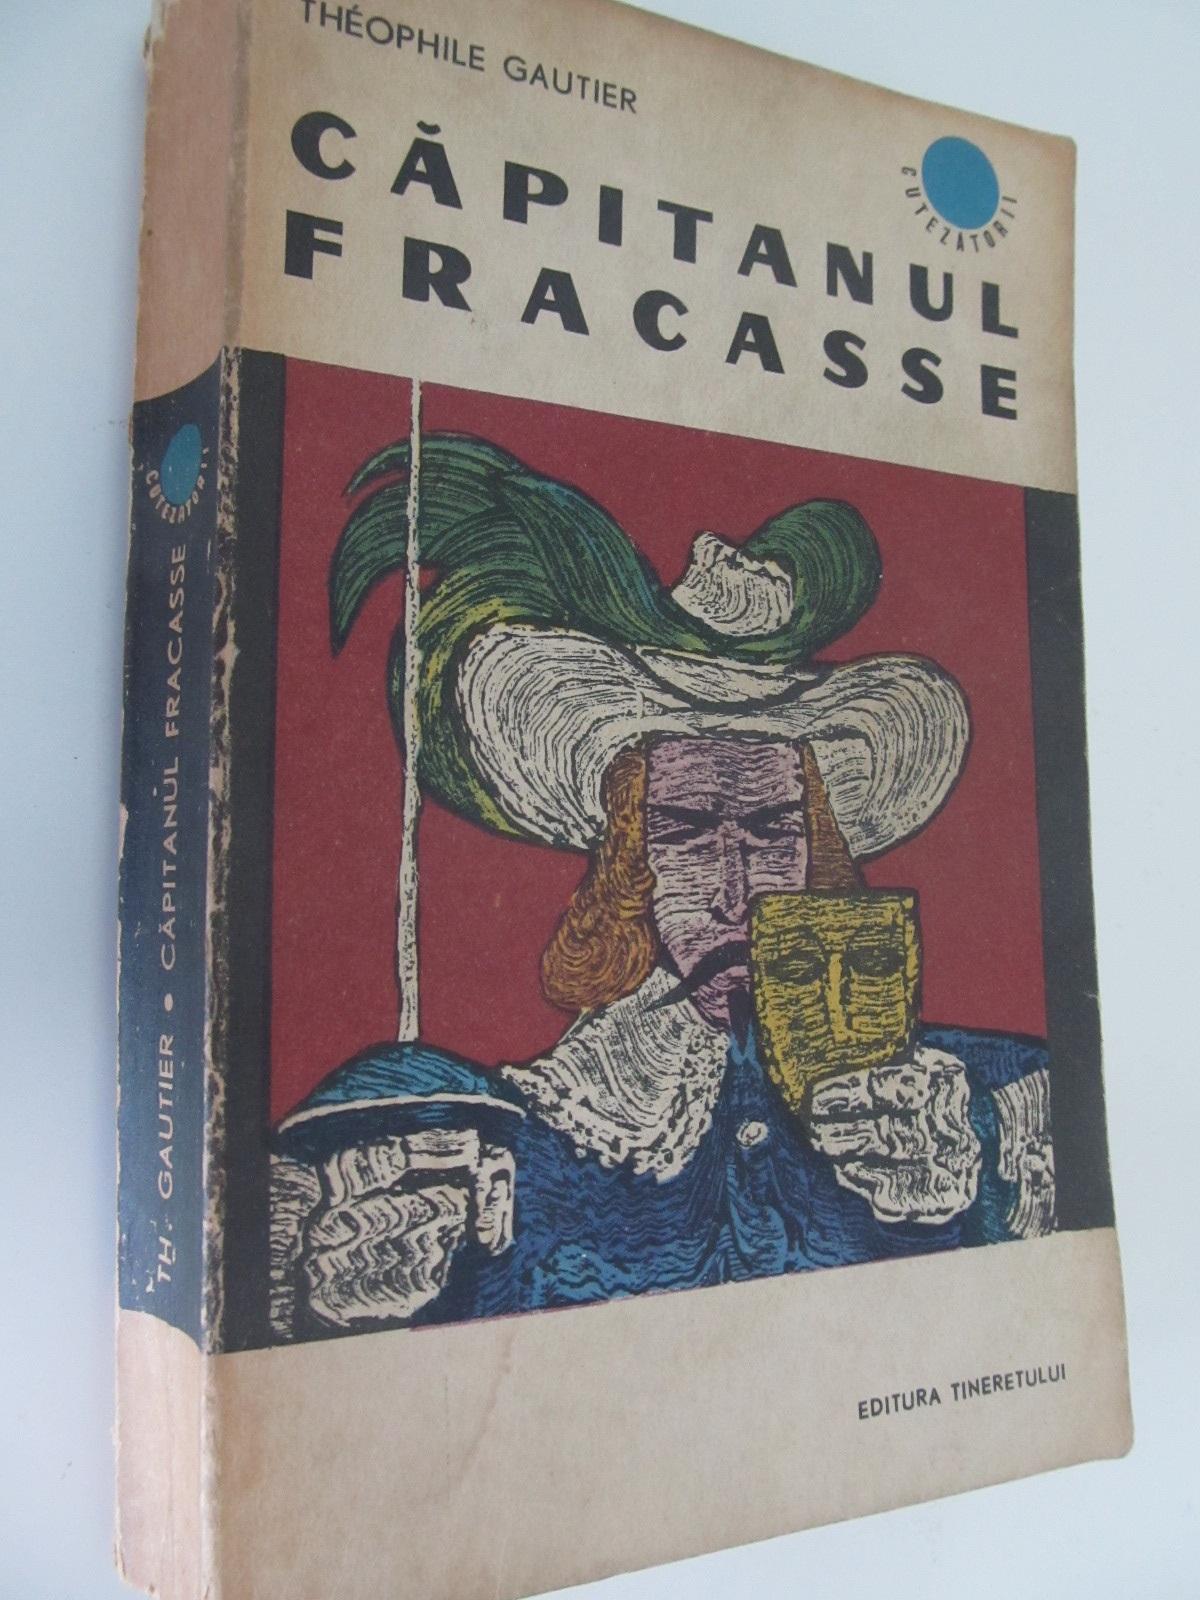 Carte Capitanul Fracasse - Theophile Gautier